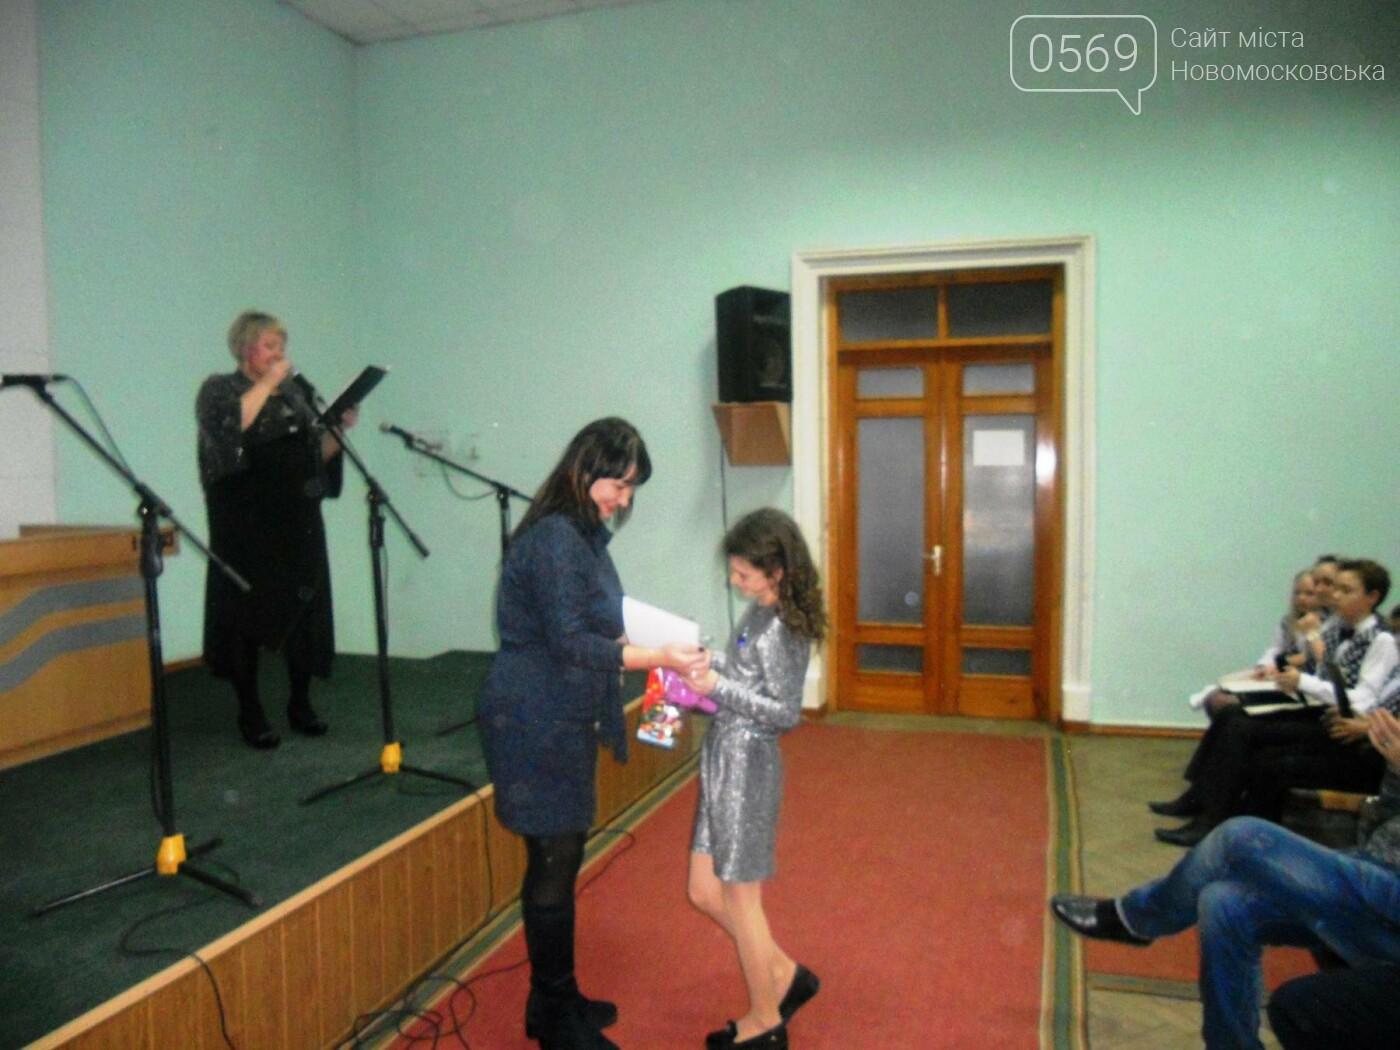 В Новомосковську назвали імена переможців  фестивалю «Діамантова нотка», фото-6